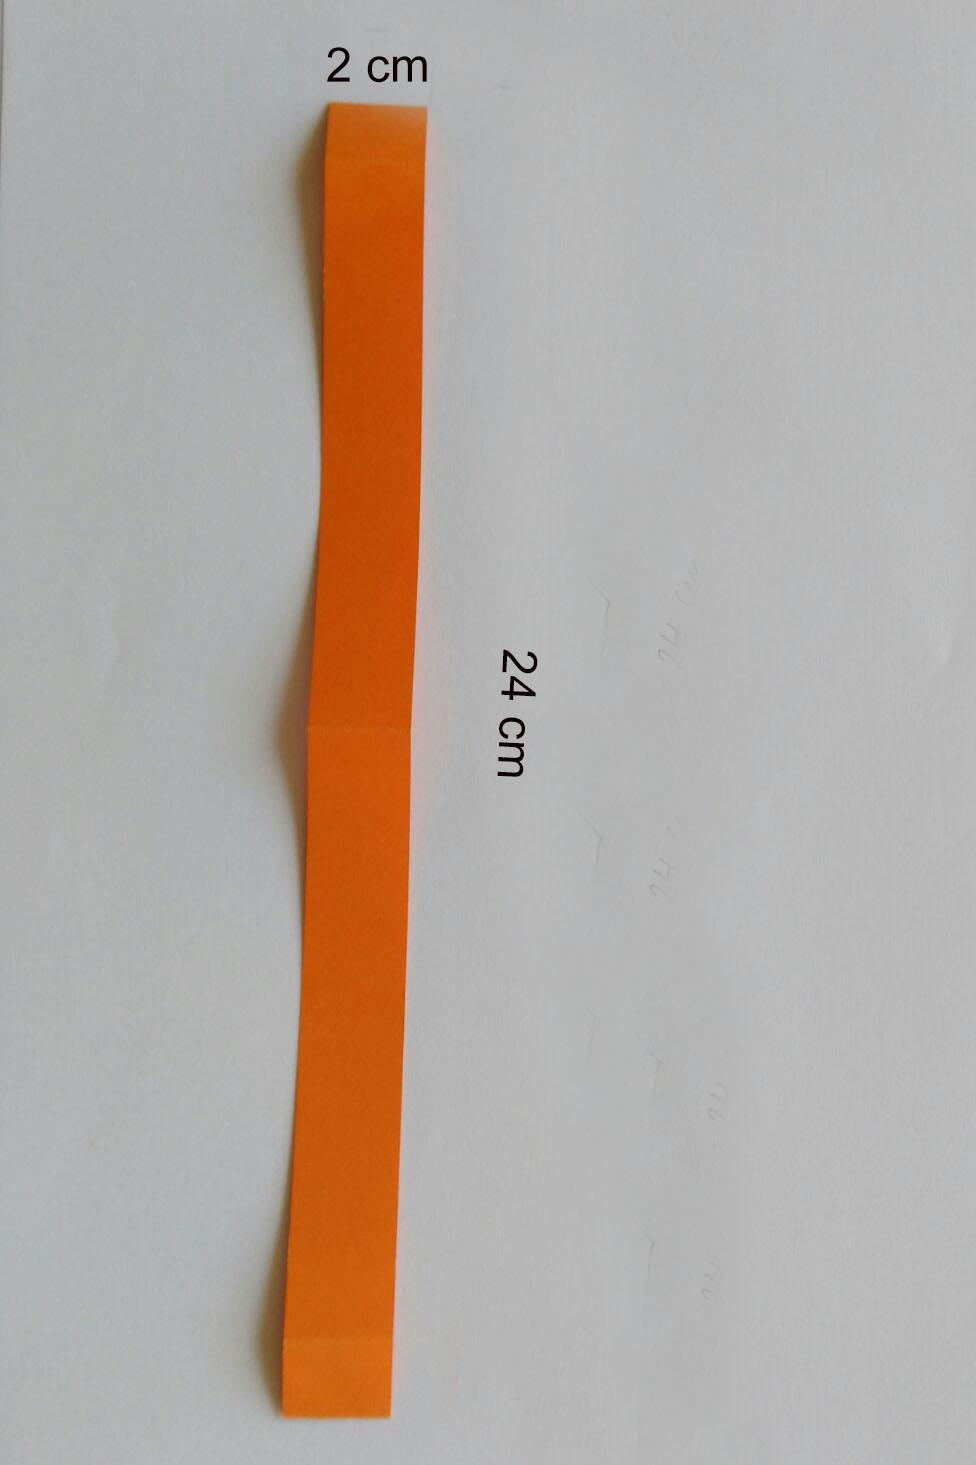 Schneidet einen Streifen aus dem orangenen Tonzeichenpapier in der Größe 2 cm x 24 cm.